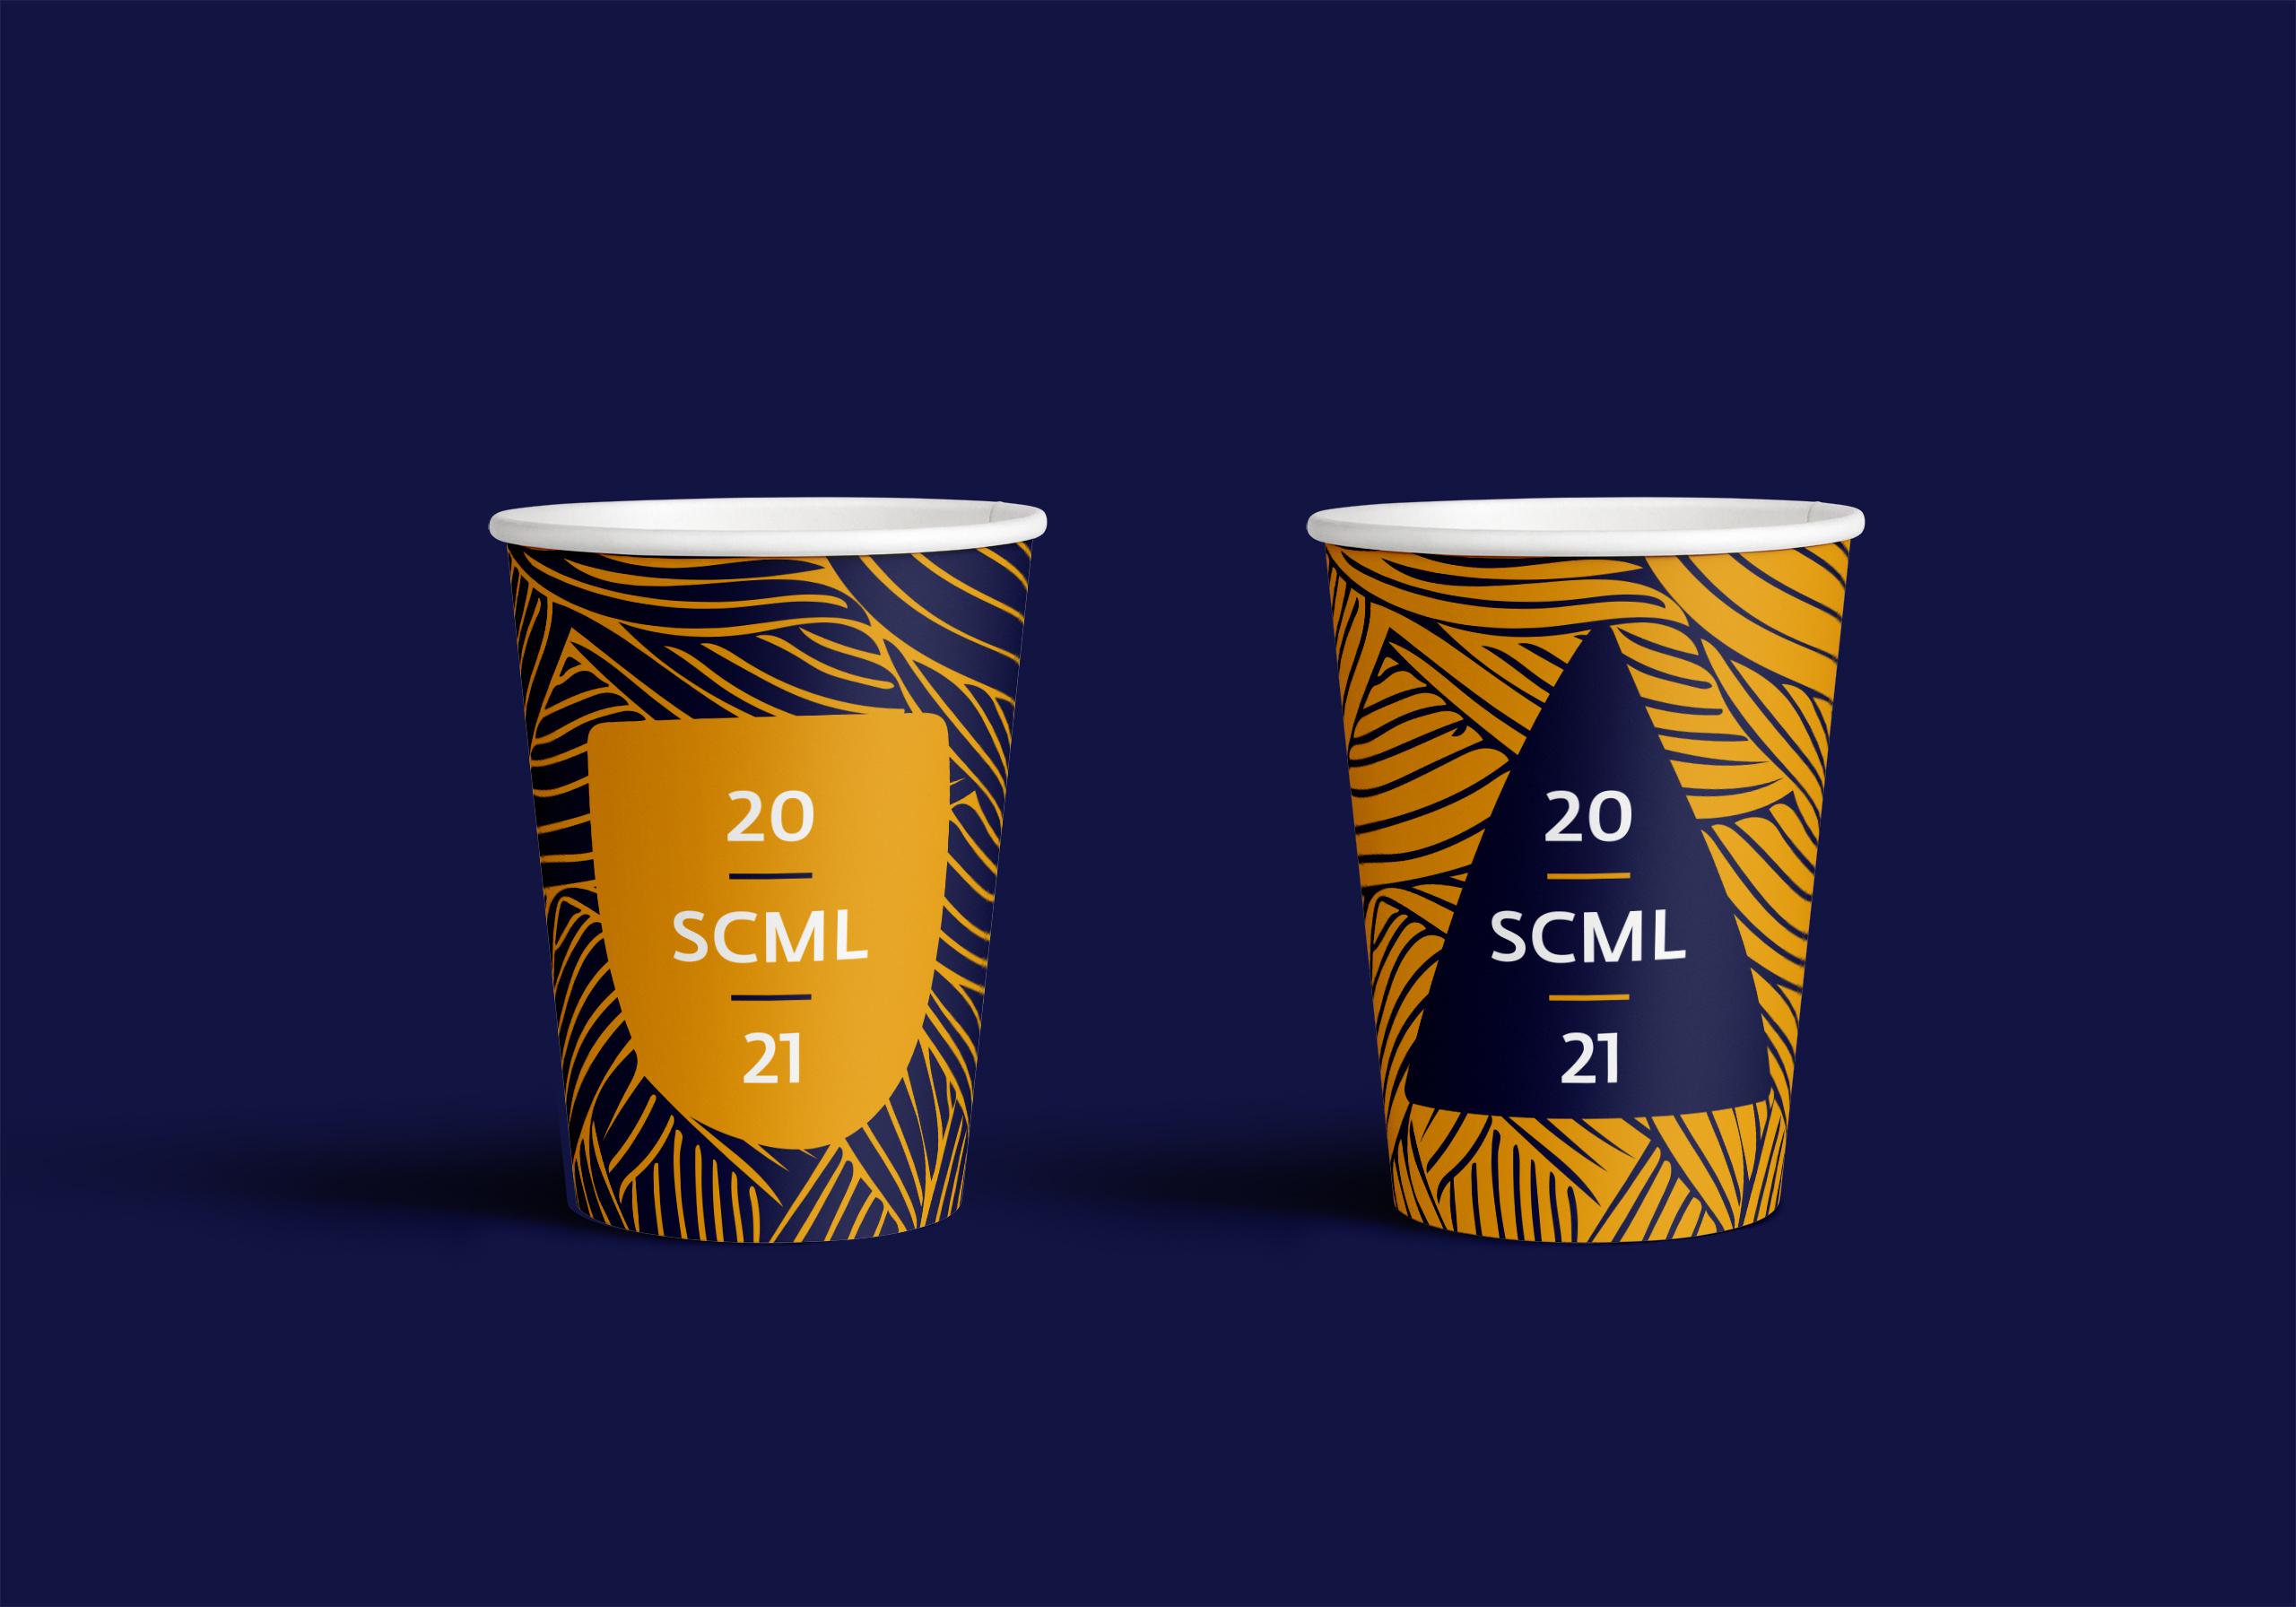 Saison culturelle 2020-2021 Maisons-Laffitte gobelets